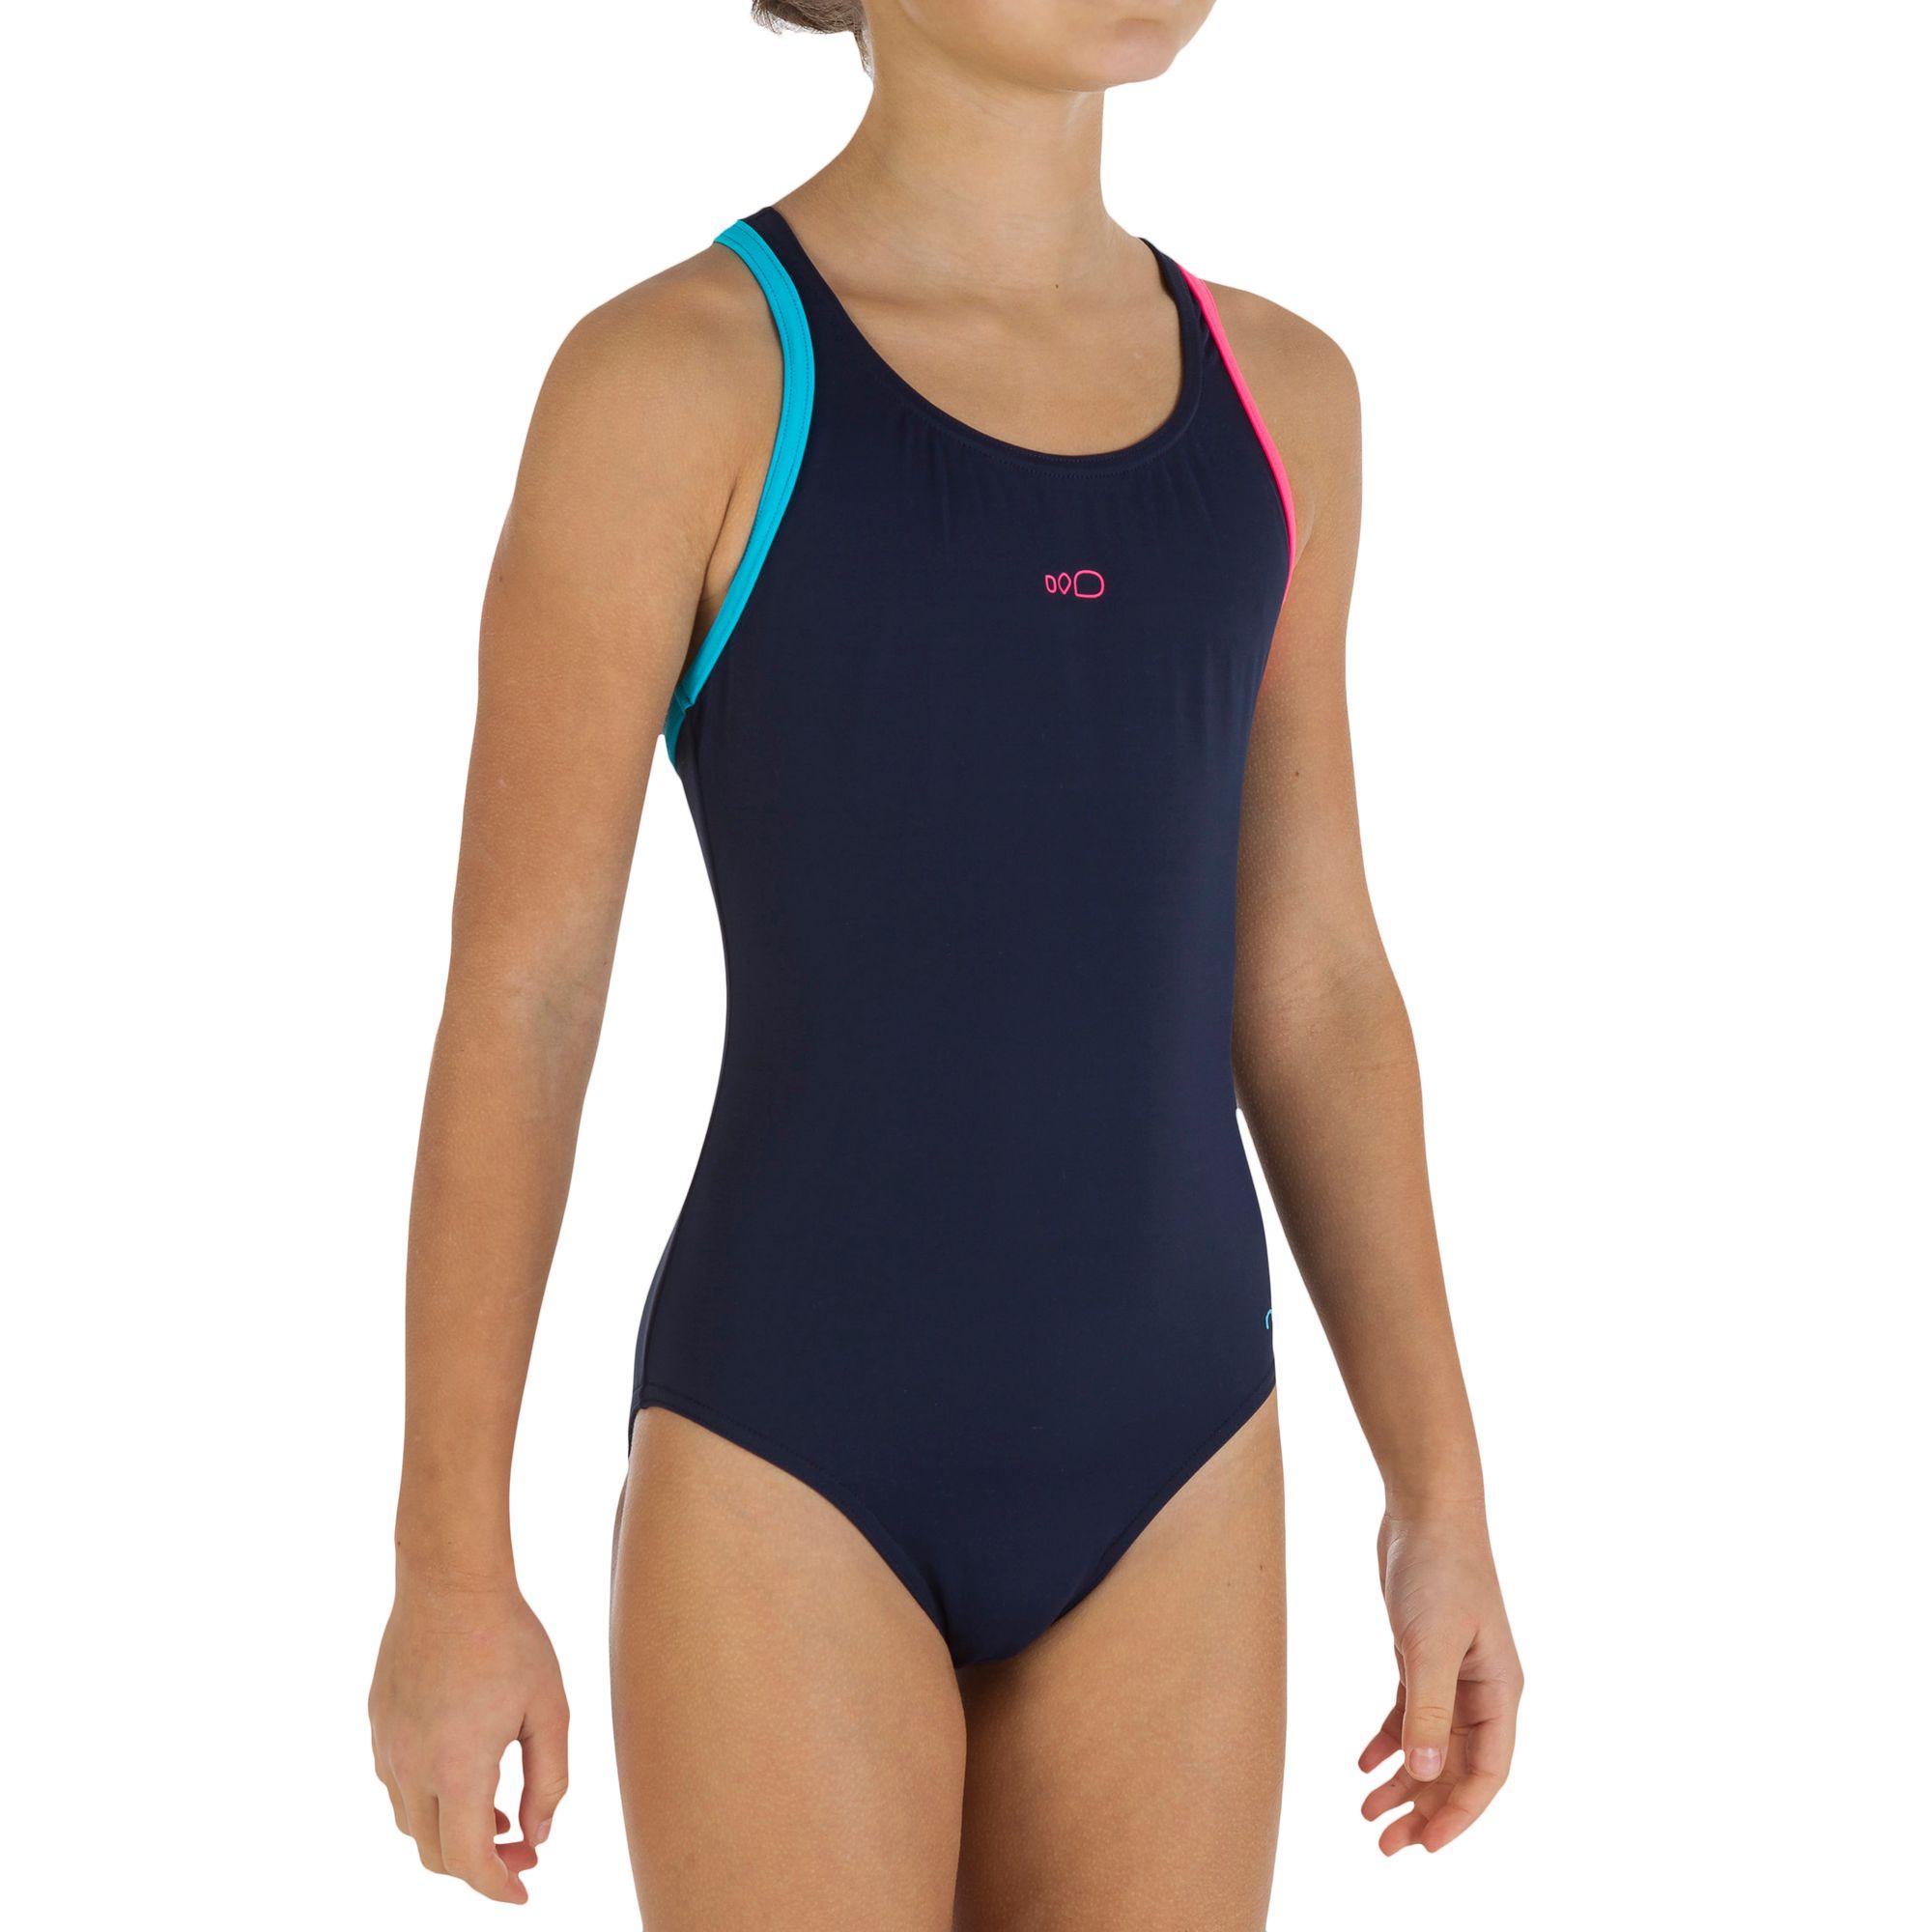 kit plet natation pour fille bleu marine id